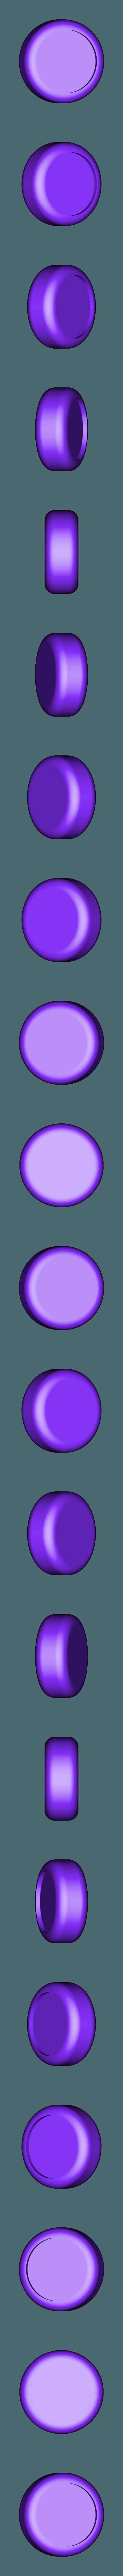 Curling stone.stl Download free STL file Mini Curling Stones • 3D printer model, Code10100